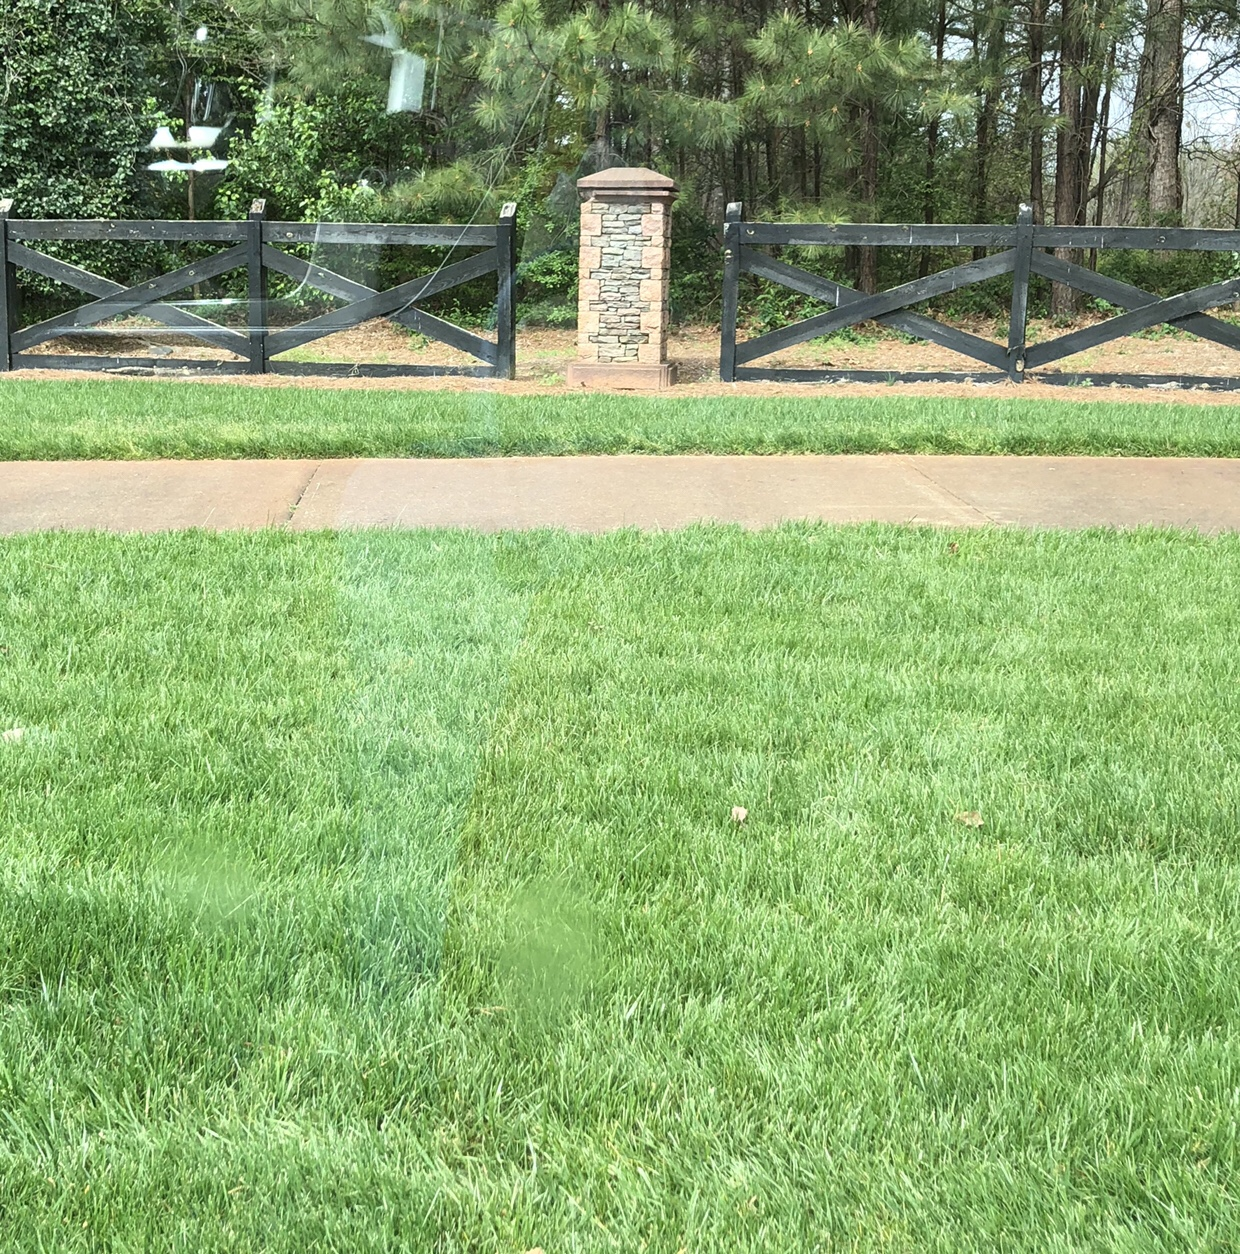 """img src=""""grass.jpg"""" atl=""""grassalwayslooksgreener"""">"""